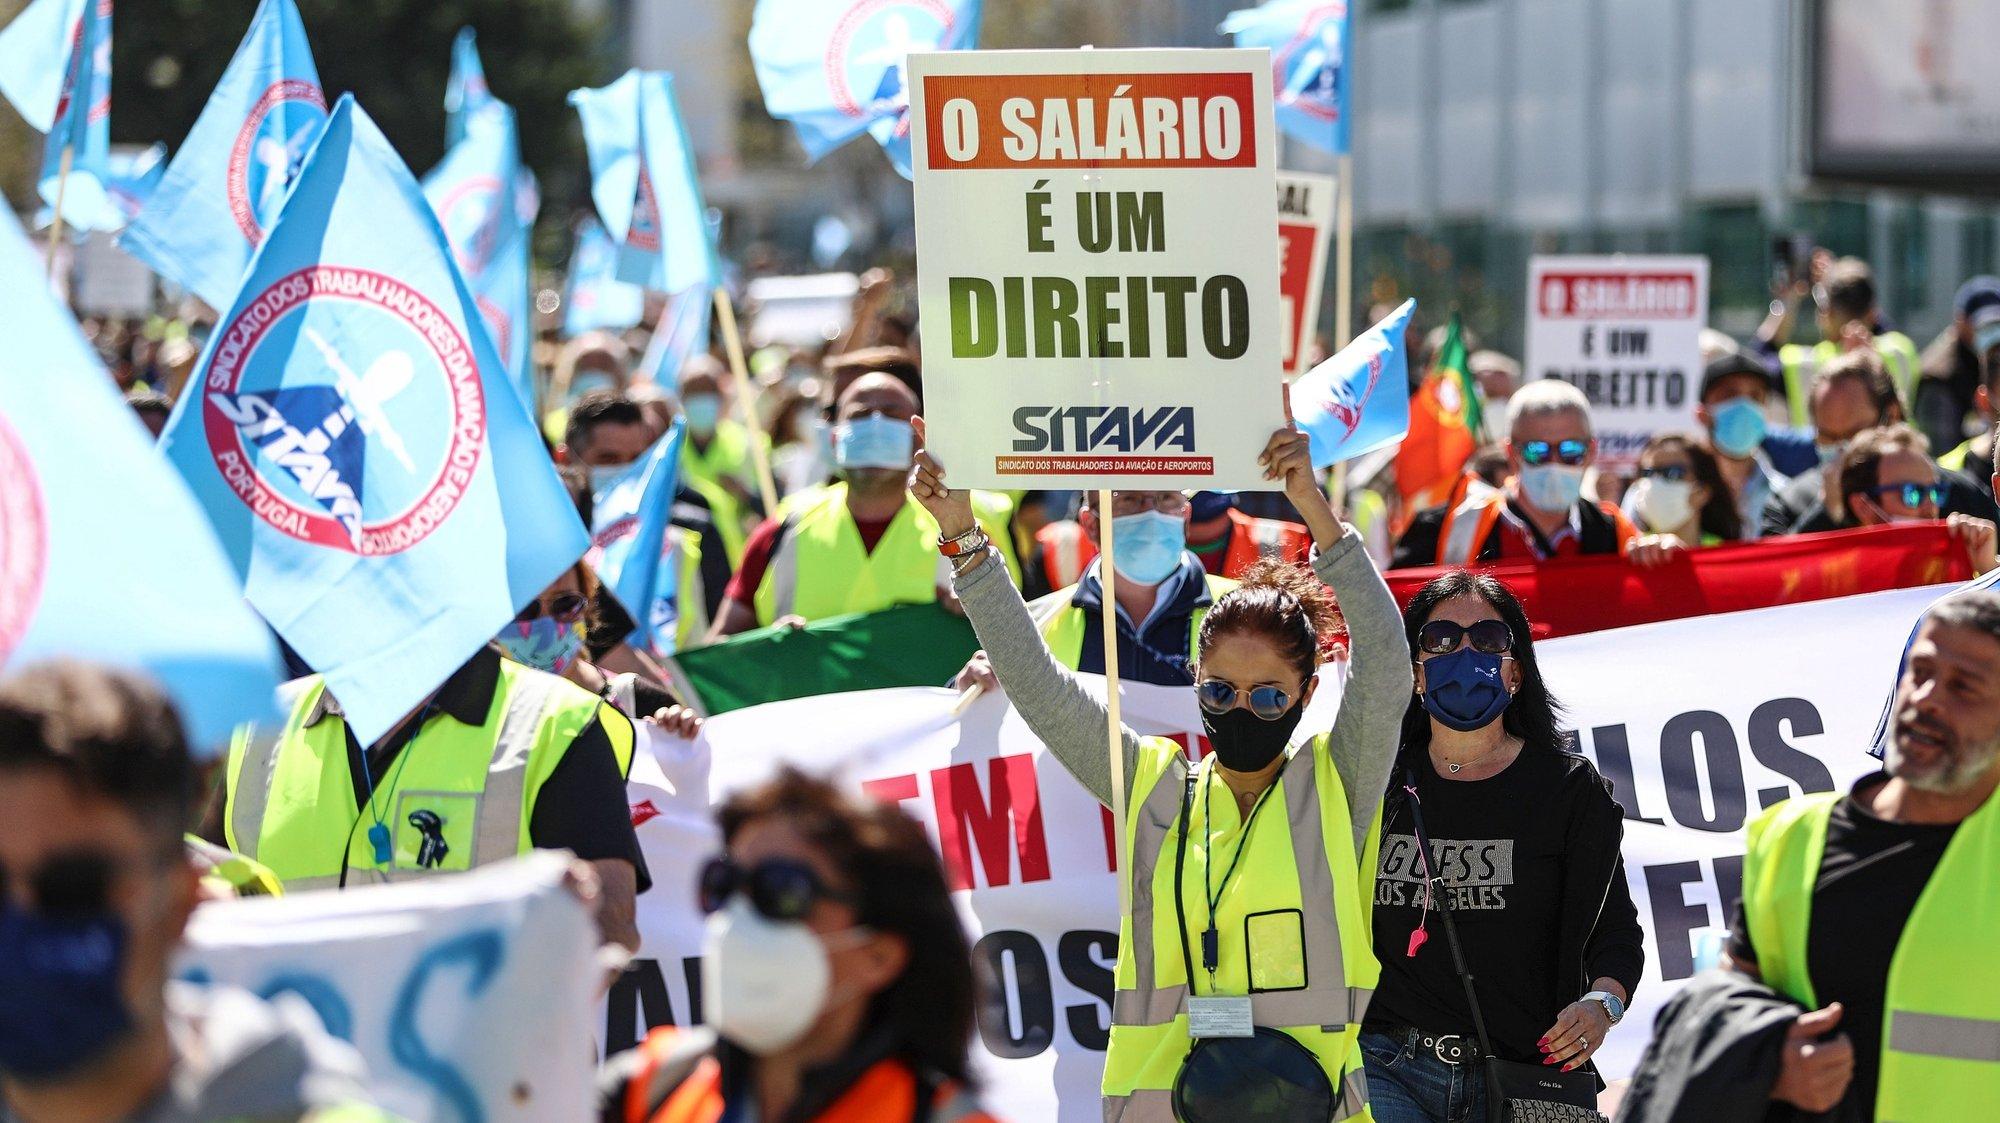 Trabalhadores da SPdH/Groundforce manifestam-se junto ao Aeroporto Humberto Delgado, em Lisboa, 18 de Março de 2021. O protesto convocado pela Comissão de Trabalhadores prende-se com o não pagamento de salários e os despedimentos anunciados. ANTÓNIO PEDRO SANTOS/LUSA